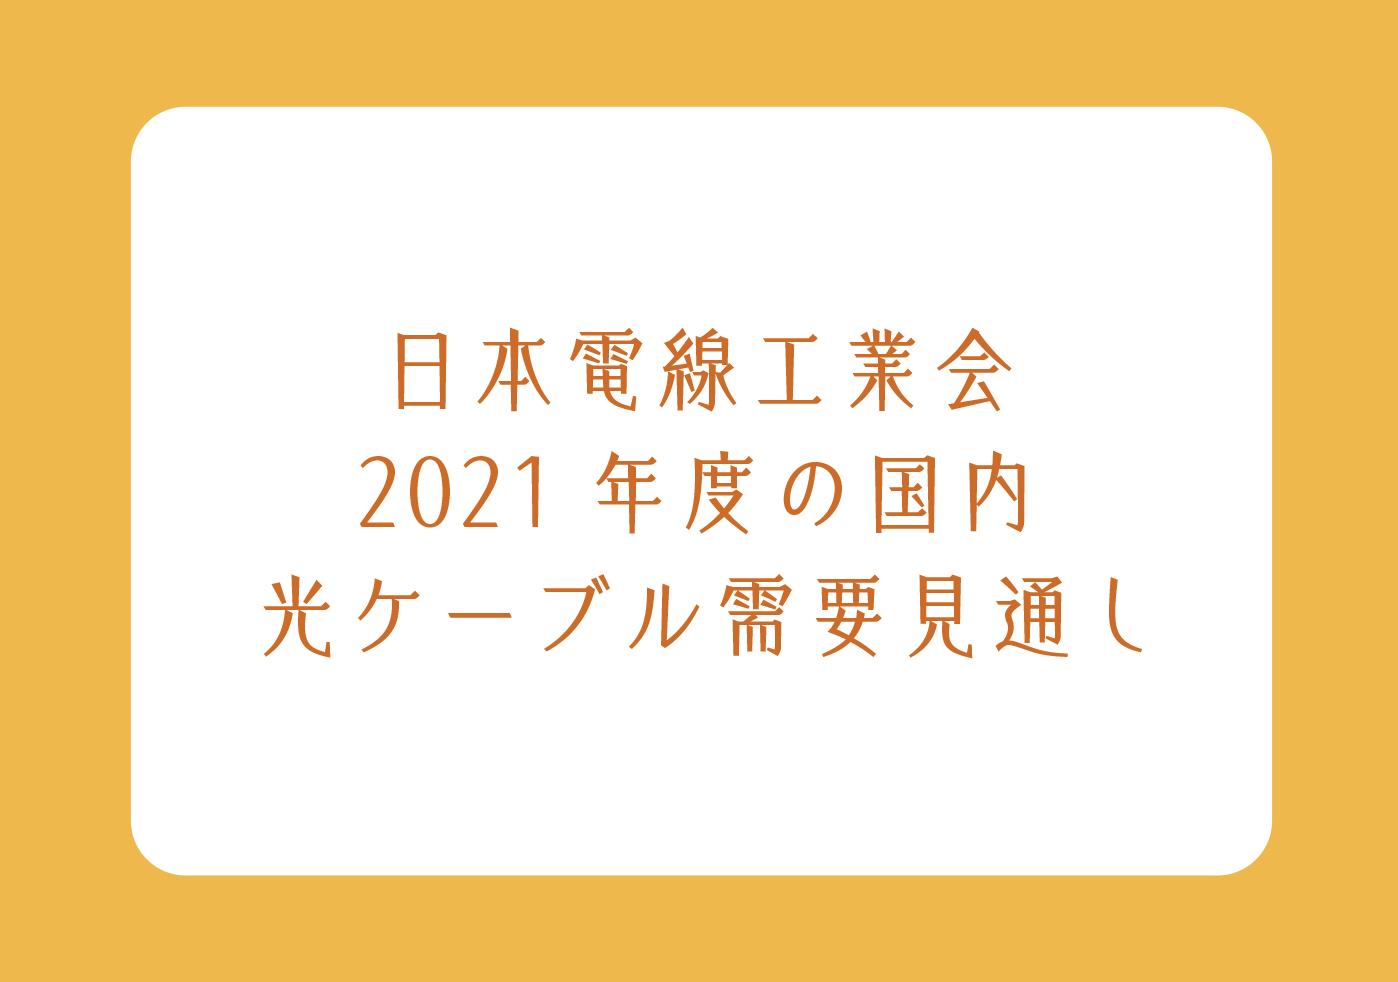 日本電線工業会 2021年度の国内 光ケーブル需要見通しの画像